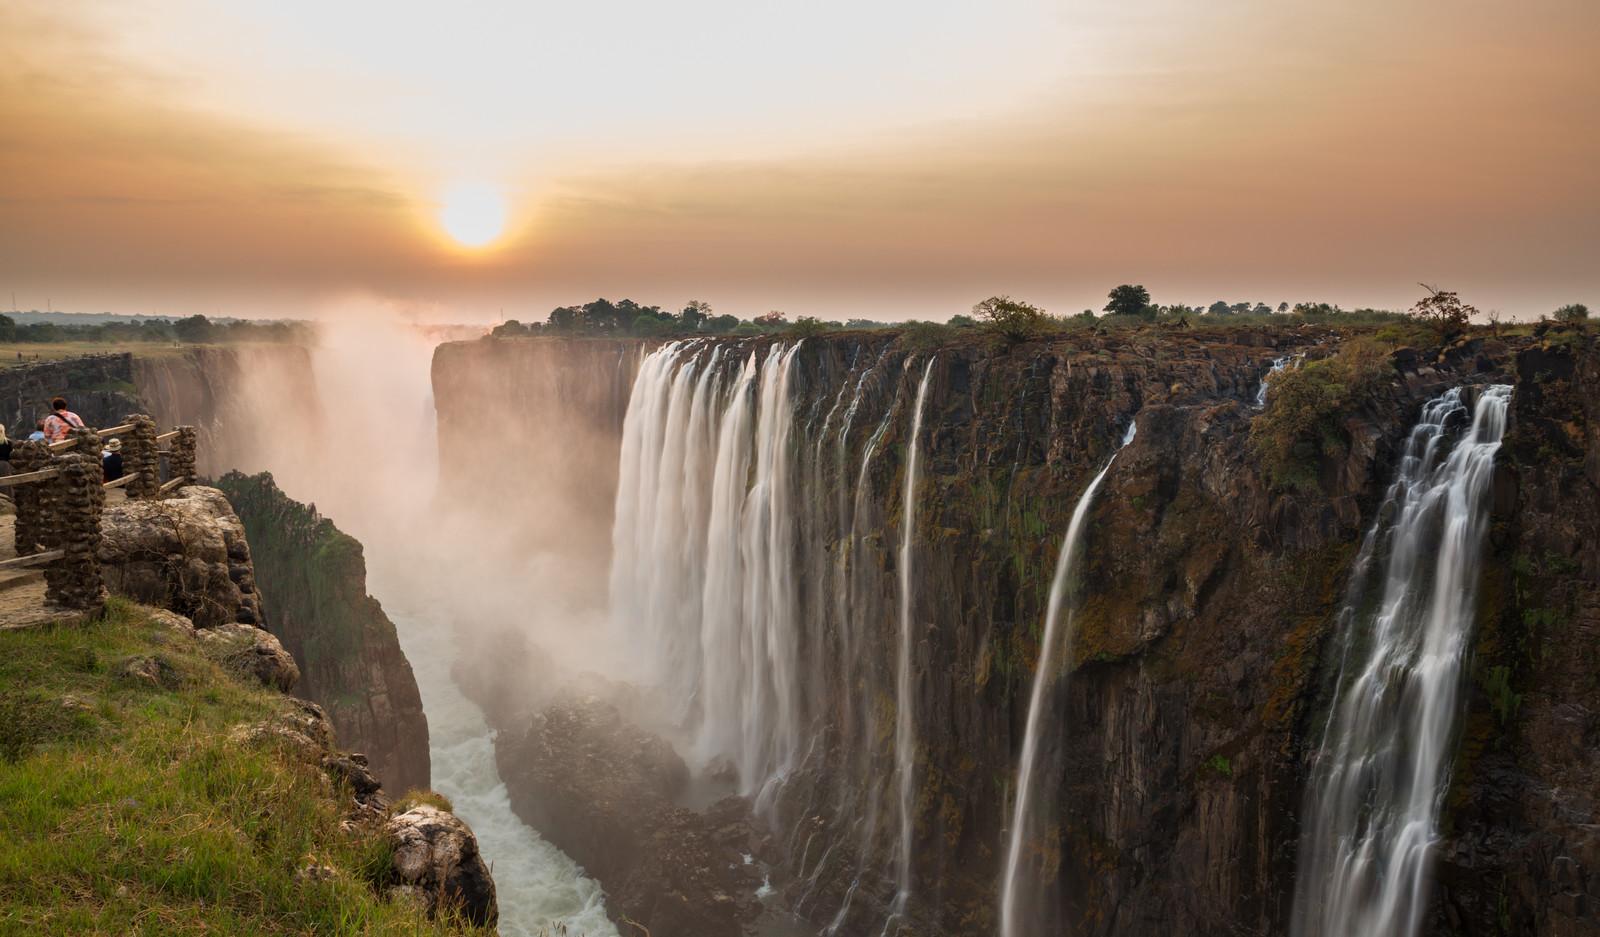 Nyanza Falls